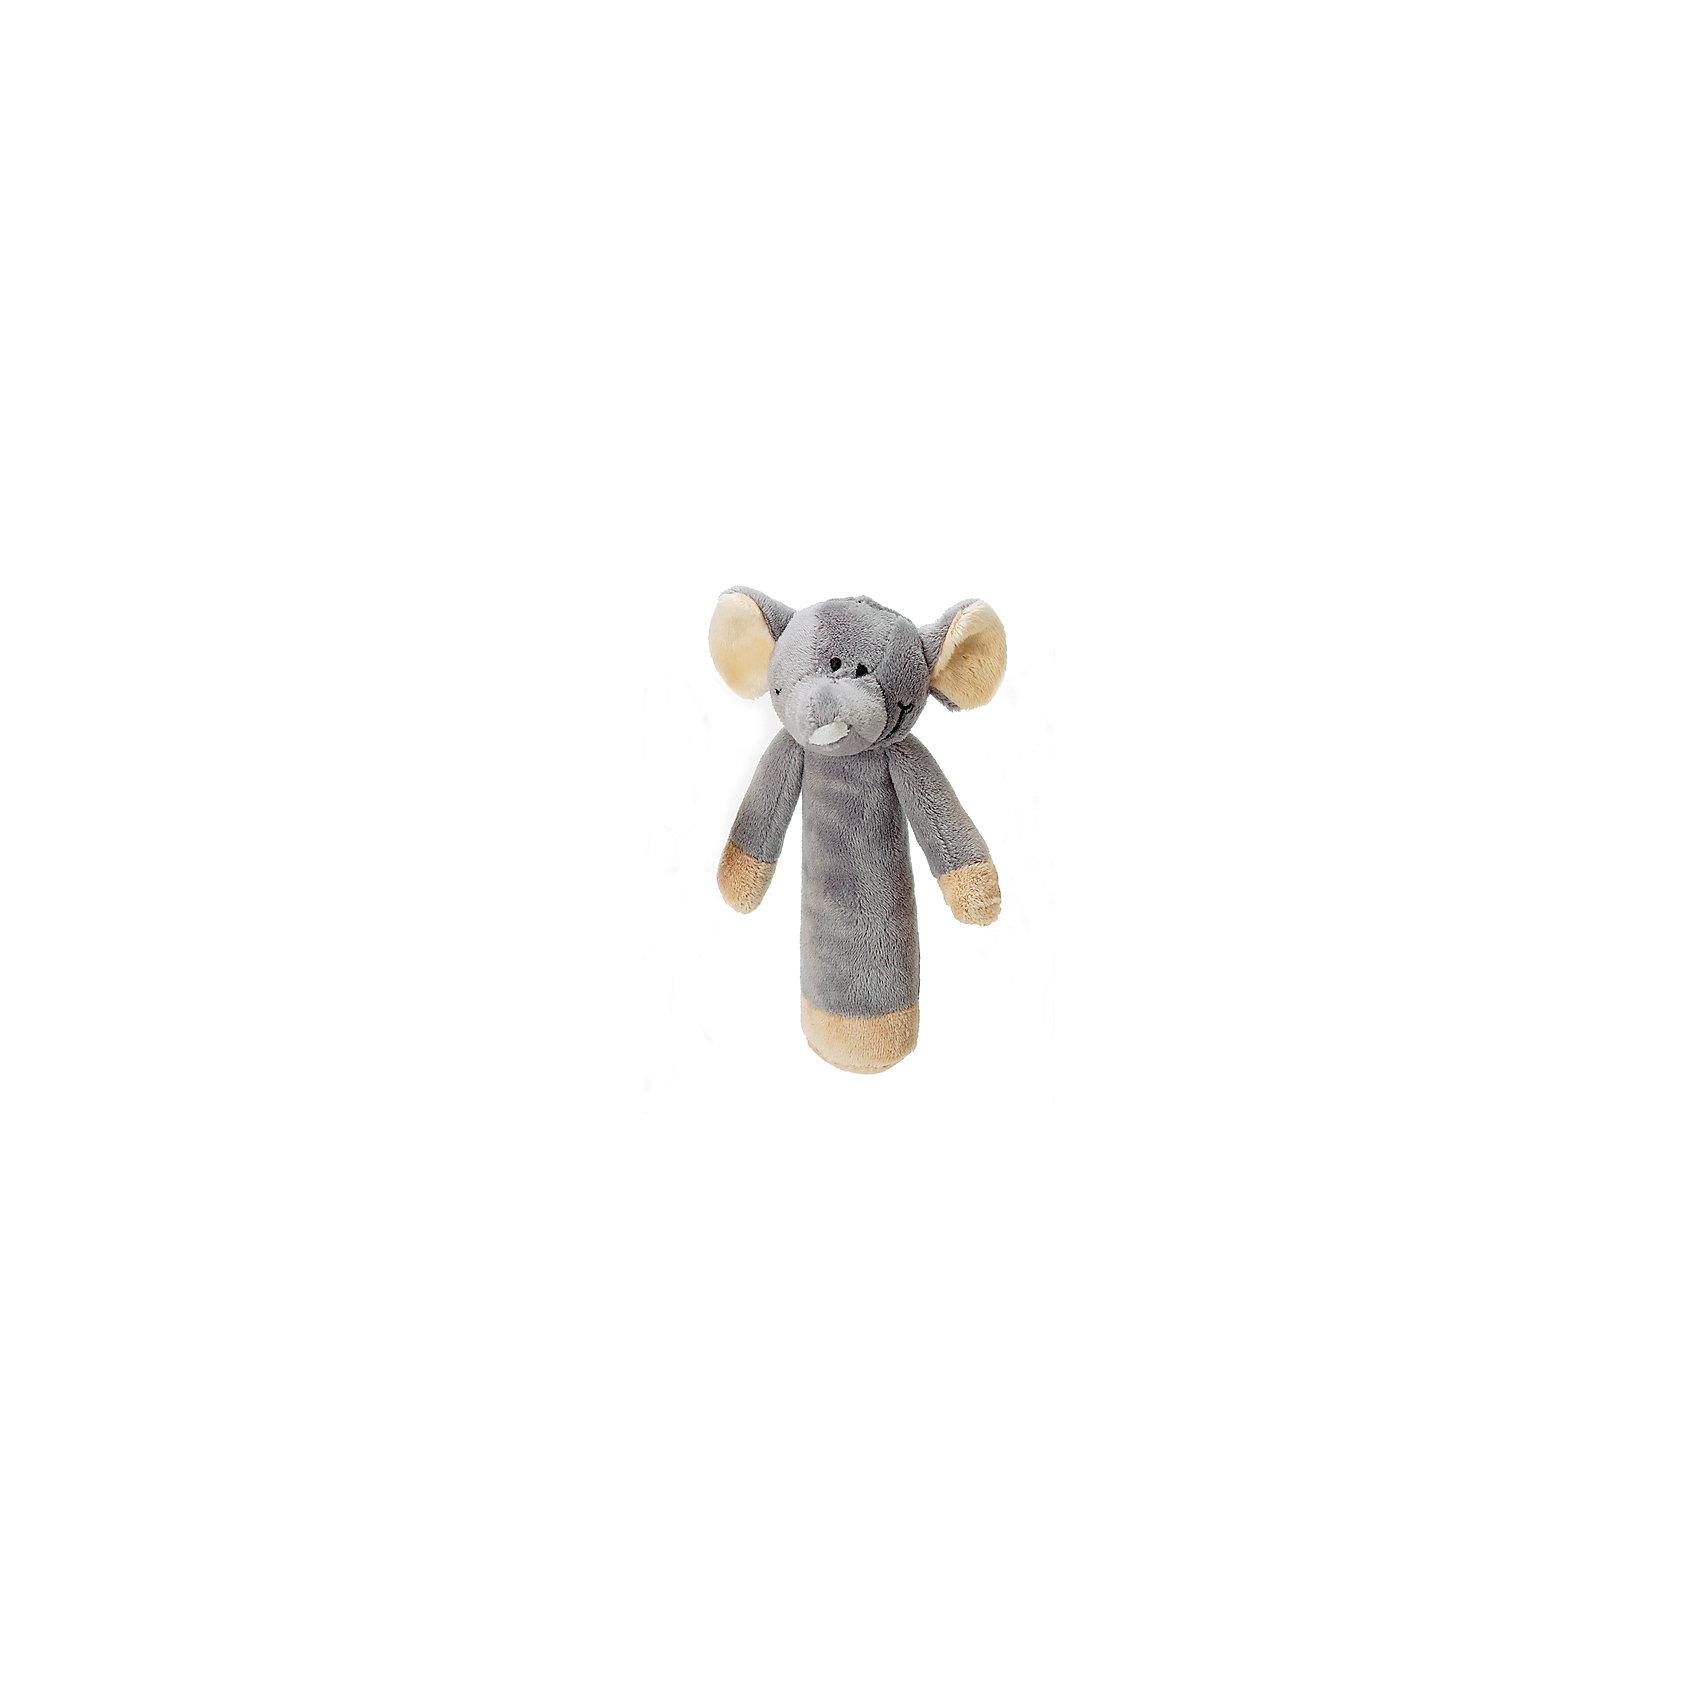 Погремушка в ручку Слон, Динглисар, TeddykompanietПогремушки<br>Характеристики погремушки Teddykompaniet:<br><br>• размер игрушки: 15 см;<br>• серия: Динглисар;<br>• звуковые эффекты: звенит при встряхивании;<br>• материал: 100% хлопок (велюр).<br><br>Игрушка небольшого размера для маленькой детской ручки. Погремушку удобно держать благодаря цилиндрической форме основания. При встряхивании мягкая игрушка издает негромкий звук. <br><br>Погремушку в ручку Слон, Динглисар, Teddykompaniet можно купить в нашем интернет-магазине.<br><br>Ширина мм: 150<br>Глубина мм: 150<br>Высота мм: 100<br>Вес г: 150<br>Возраст от месяцев: 0<br>Возраст до месяцев: 36<br>Пол: Унисекс<br>Возраст: Детский<br>SKU: 4903942